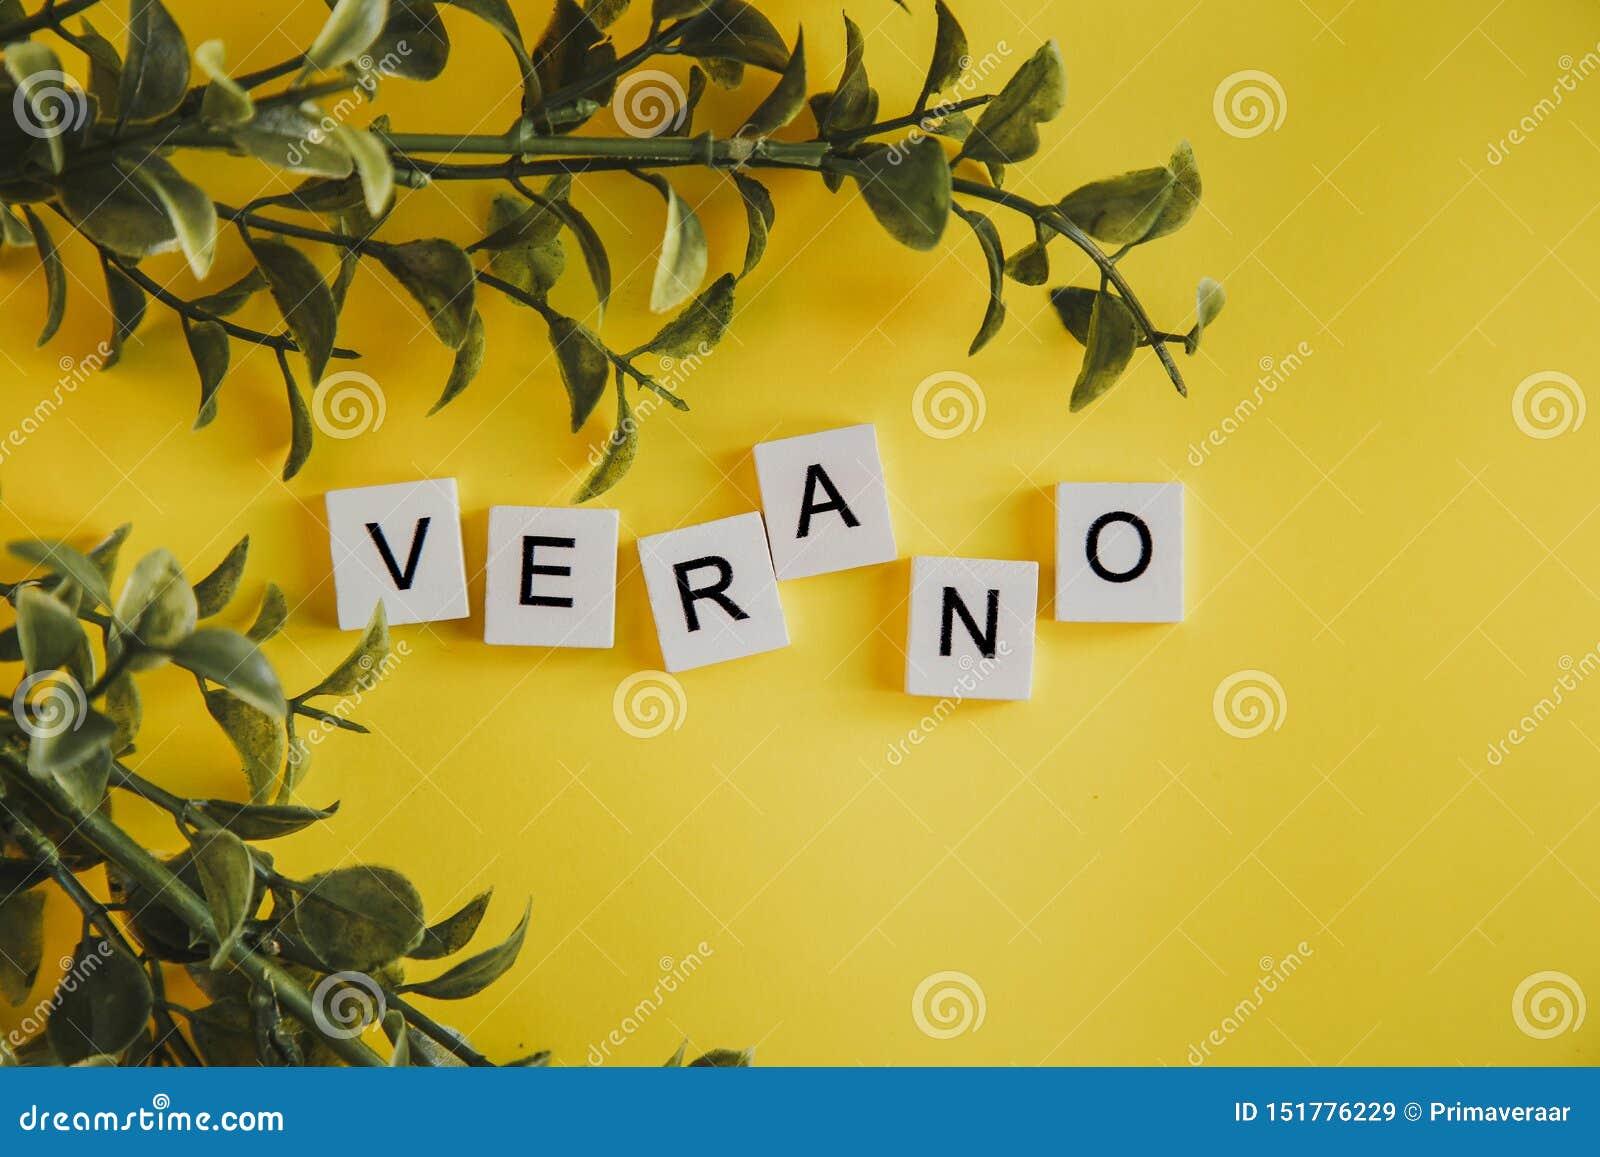 Das Aufschrift verano auf spanisch auf den Buchstaben der Tastatur auf einem gelben Hintergrund mit Niederlassungen von Blumen